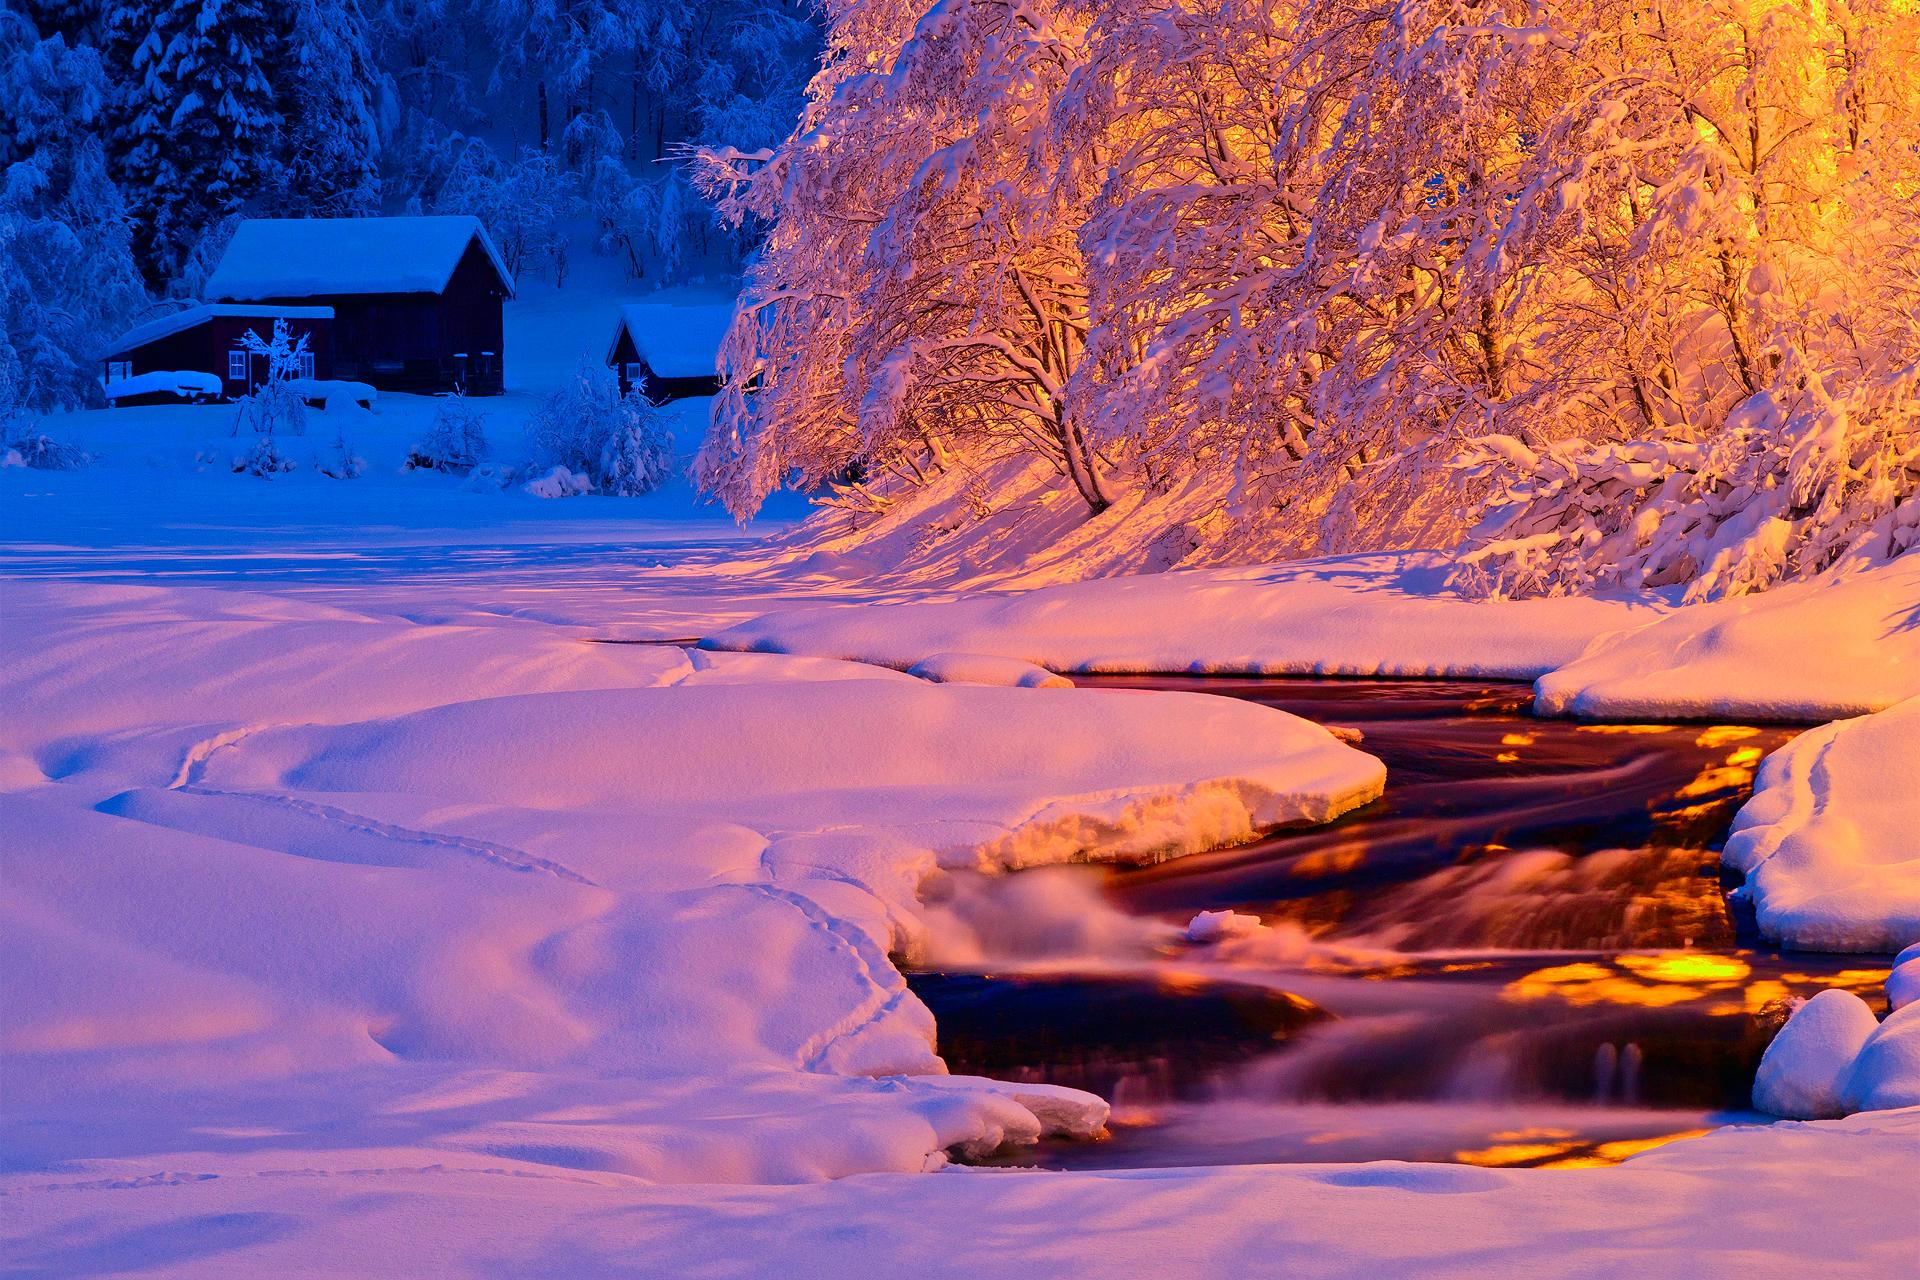 Живые Обои Зима Бесплатно